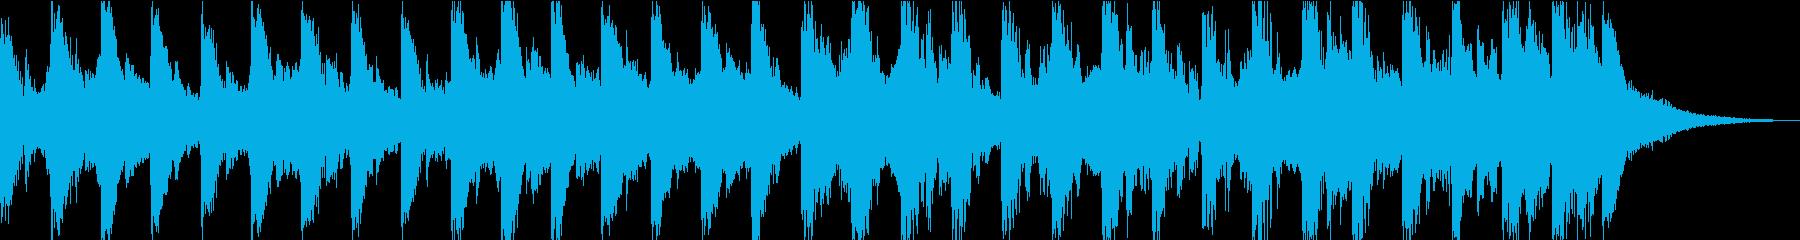 15秒のコミカルなジングルですの再生済みの波形